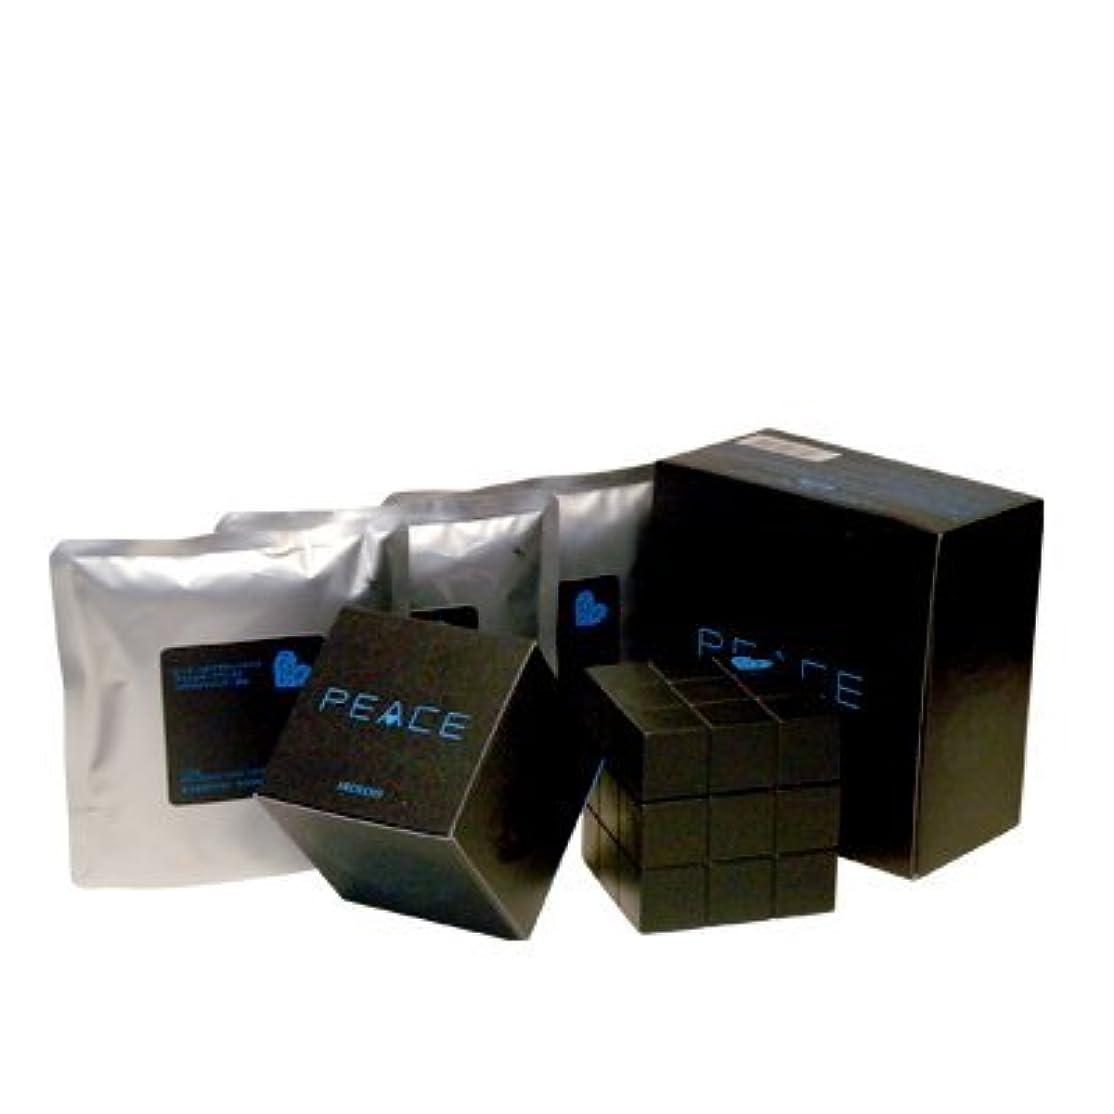 見えない実証する個人的にアリミノ ピース プロデザインシリーズ フリーズキープワックス ブラック80g+詰め替え80g×3